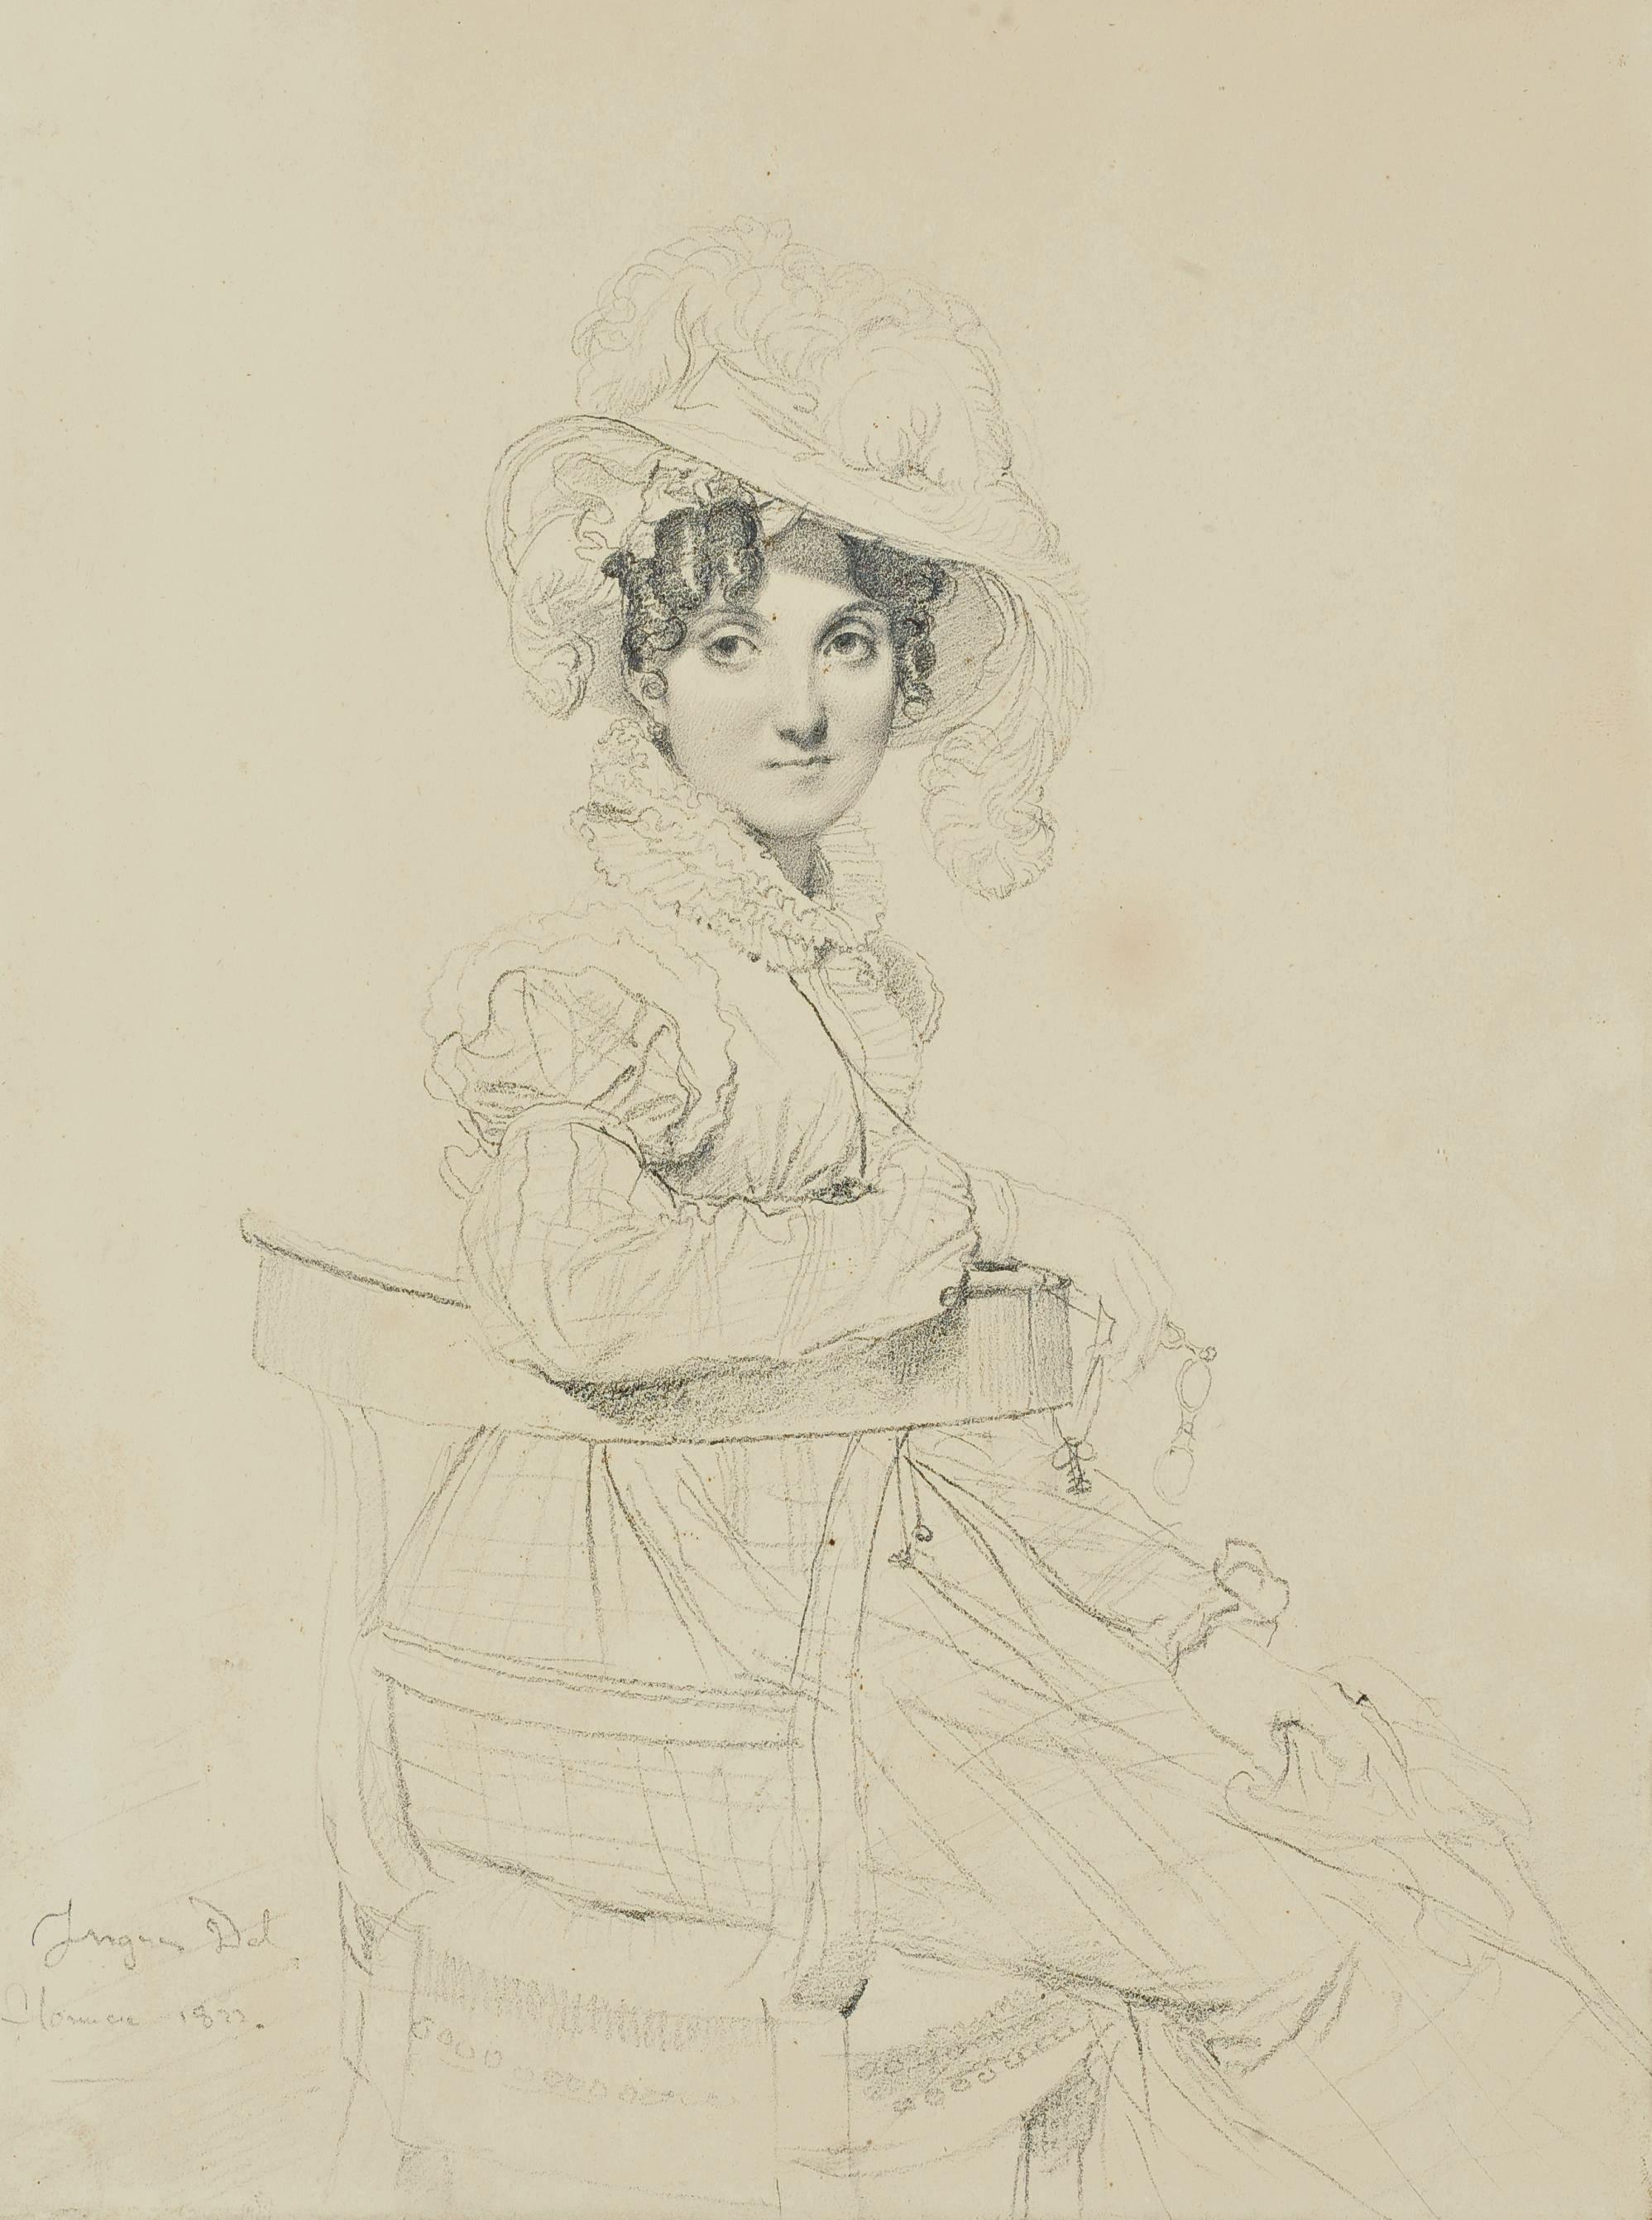 JEAN AUGUSTE-DOMINIQUE INGRES (MONTAUBAN 1780-1867 PARIS)